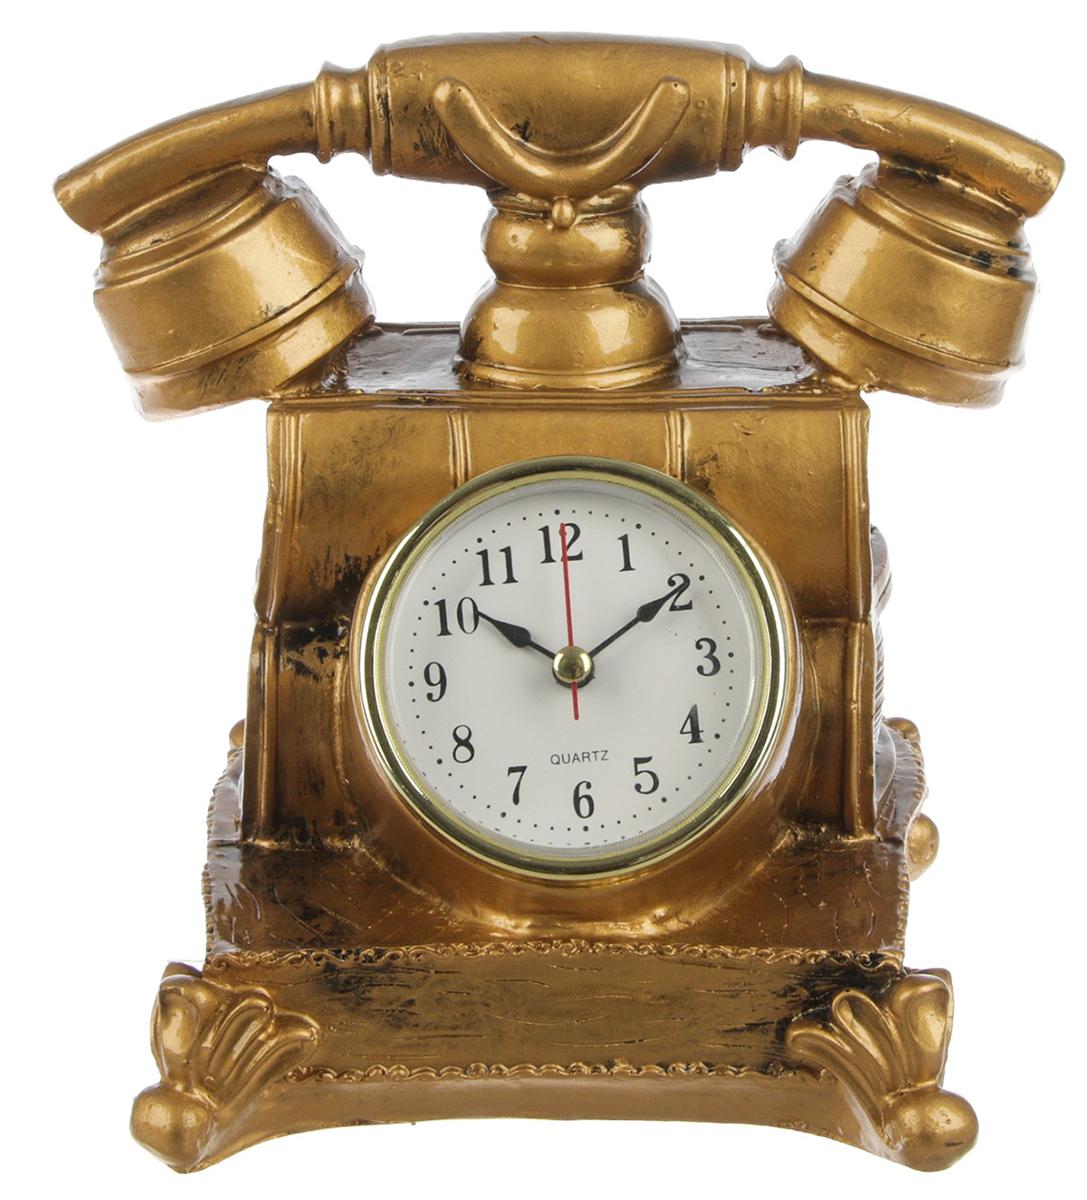 Часы настольные Ретро-телефон, 13 х 15,5 см. 2770418 хочу продать свою квартиру которая менее 3х лет и другую какие налоги надо заплатить